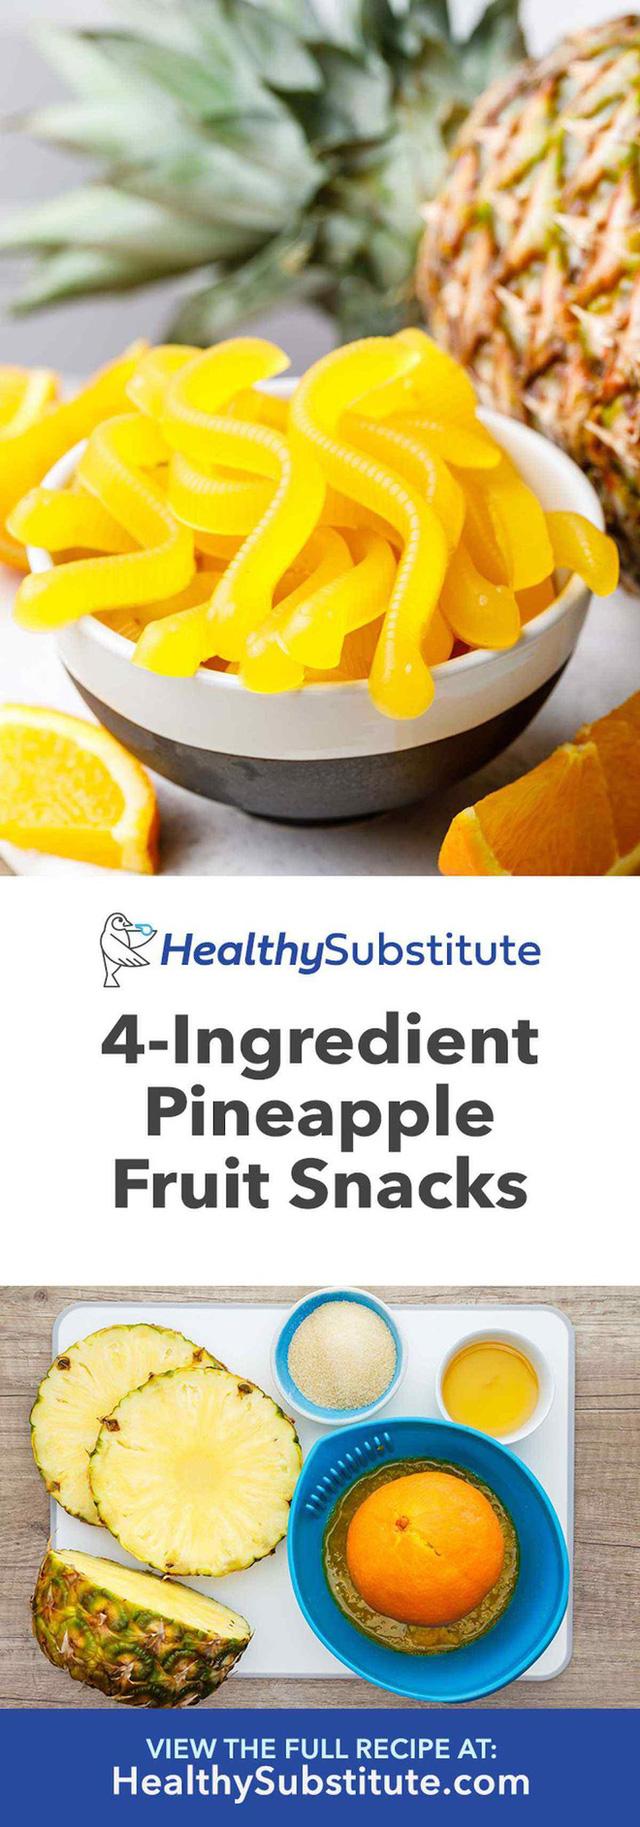 Được quảng cáo làm từ hoa quả thật, vô hại: Chuyên gia dinh dưỡng kêu gọi ngừng lừa dối về loại đồ ăn này - Ảnh 2.